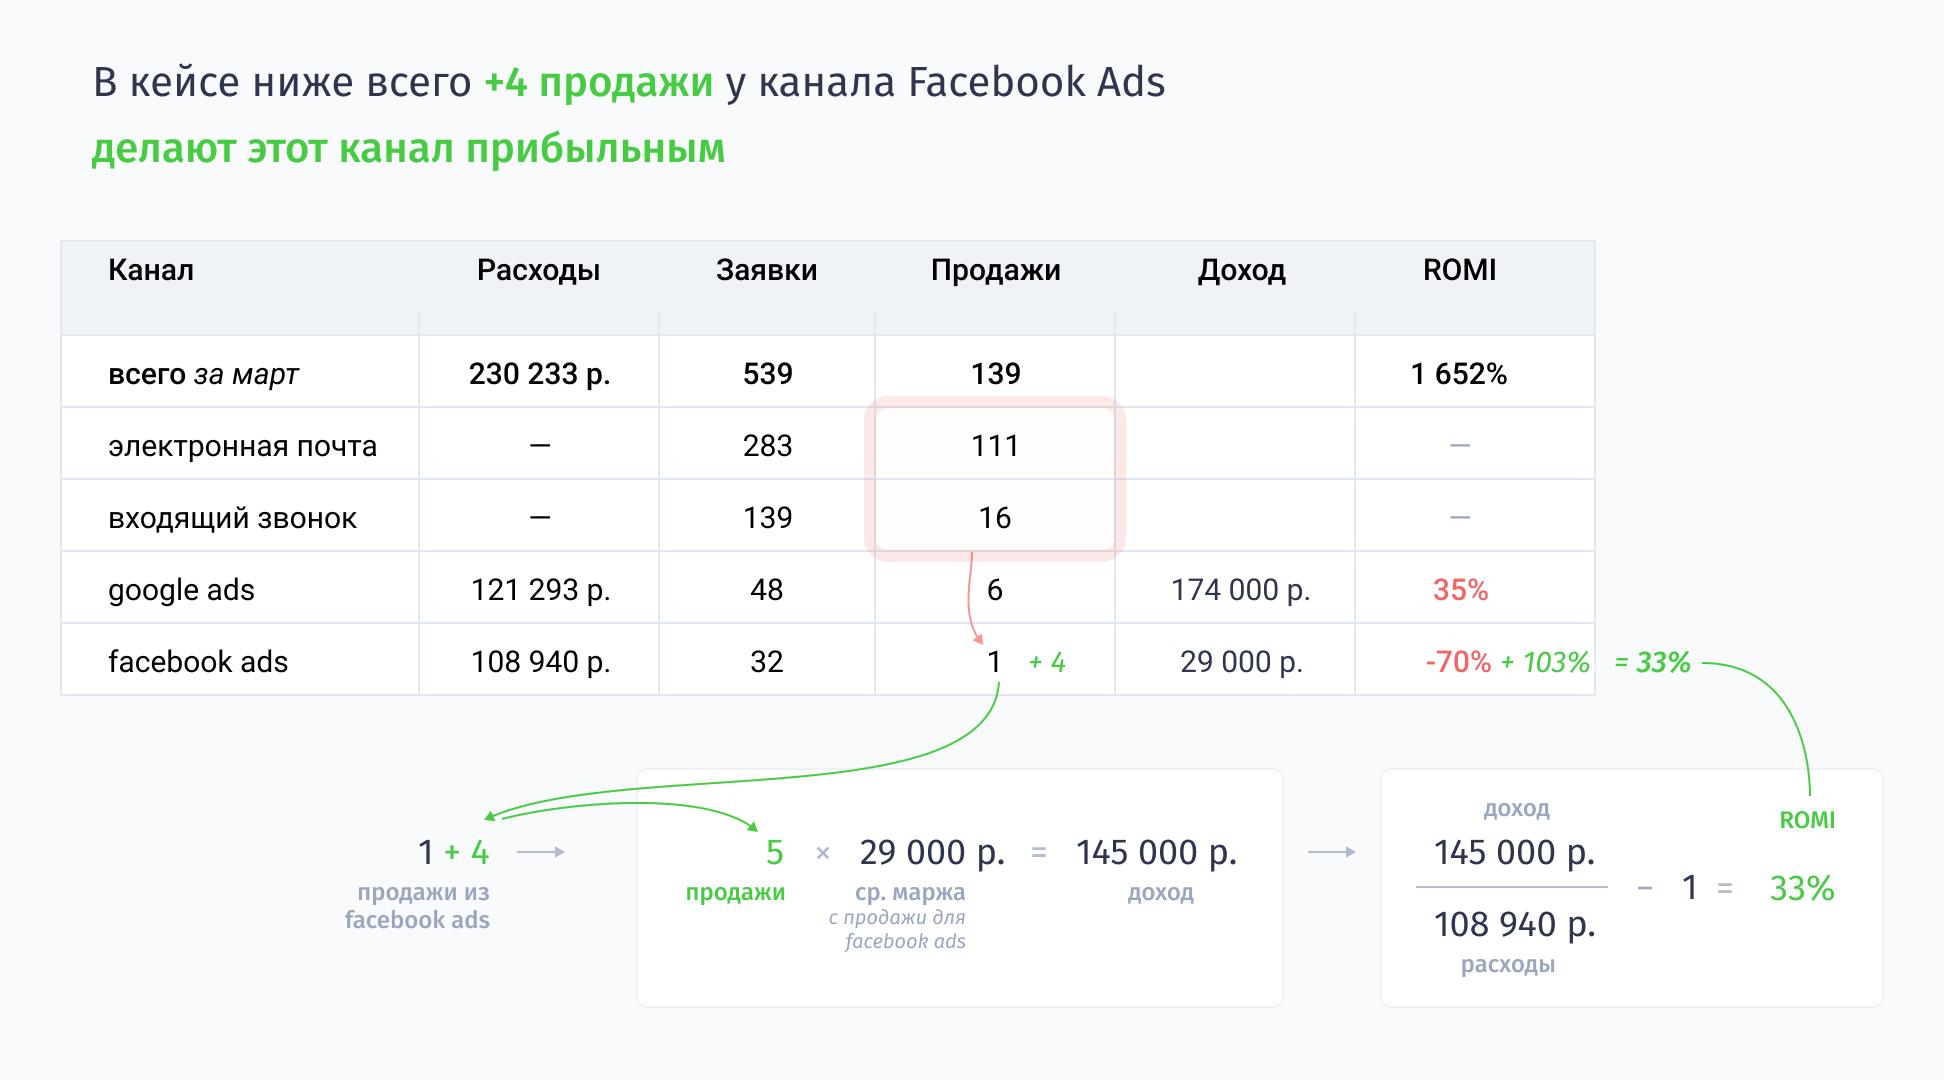 Всего +4 продажи у канала Facebook Ads делают этот канал прибыльным